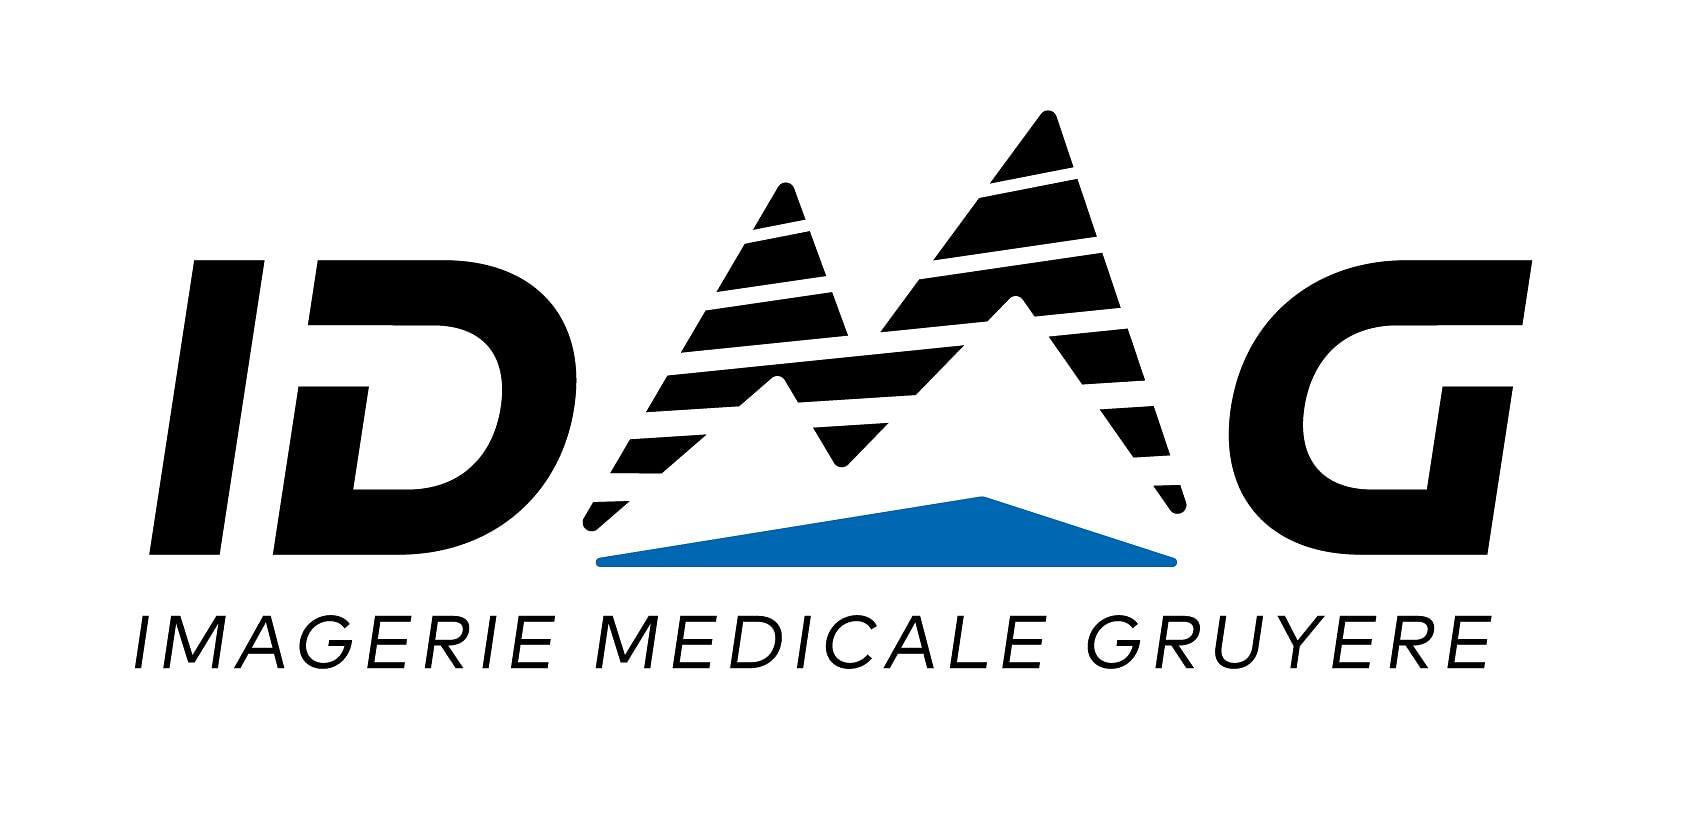 Dr méd. IDMG - Imagerie Diagnostique Médicale Gruyère